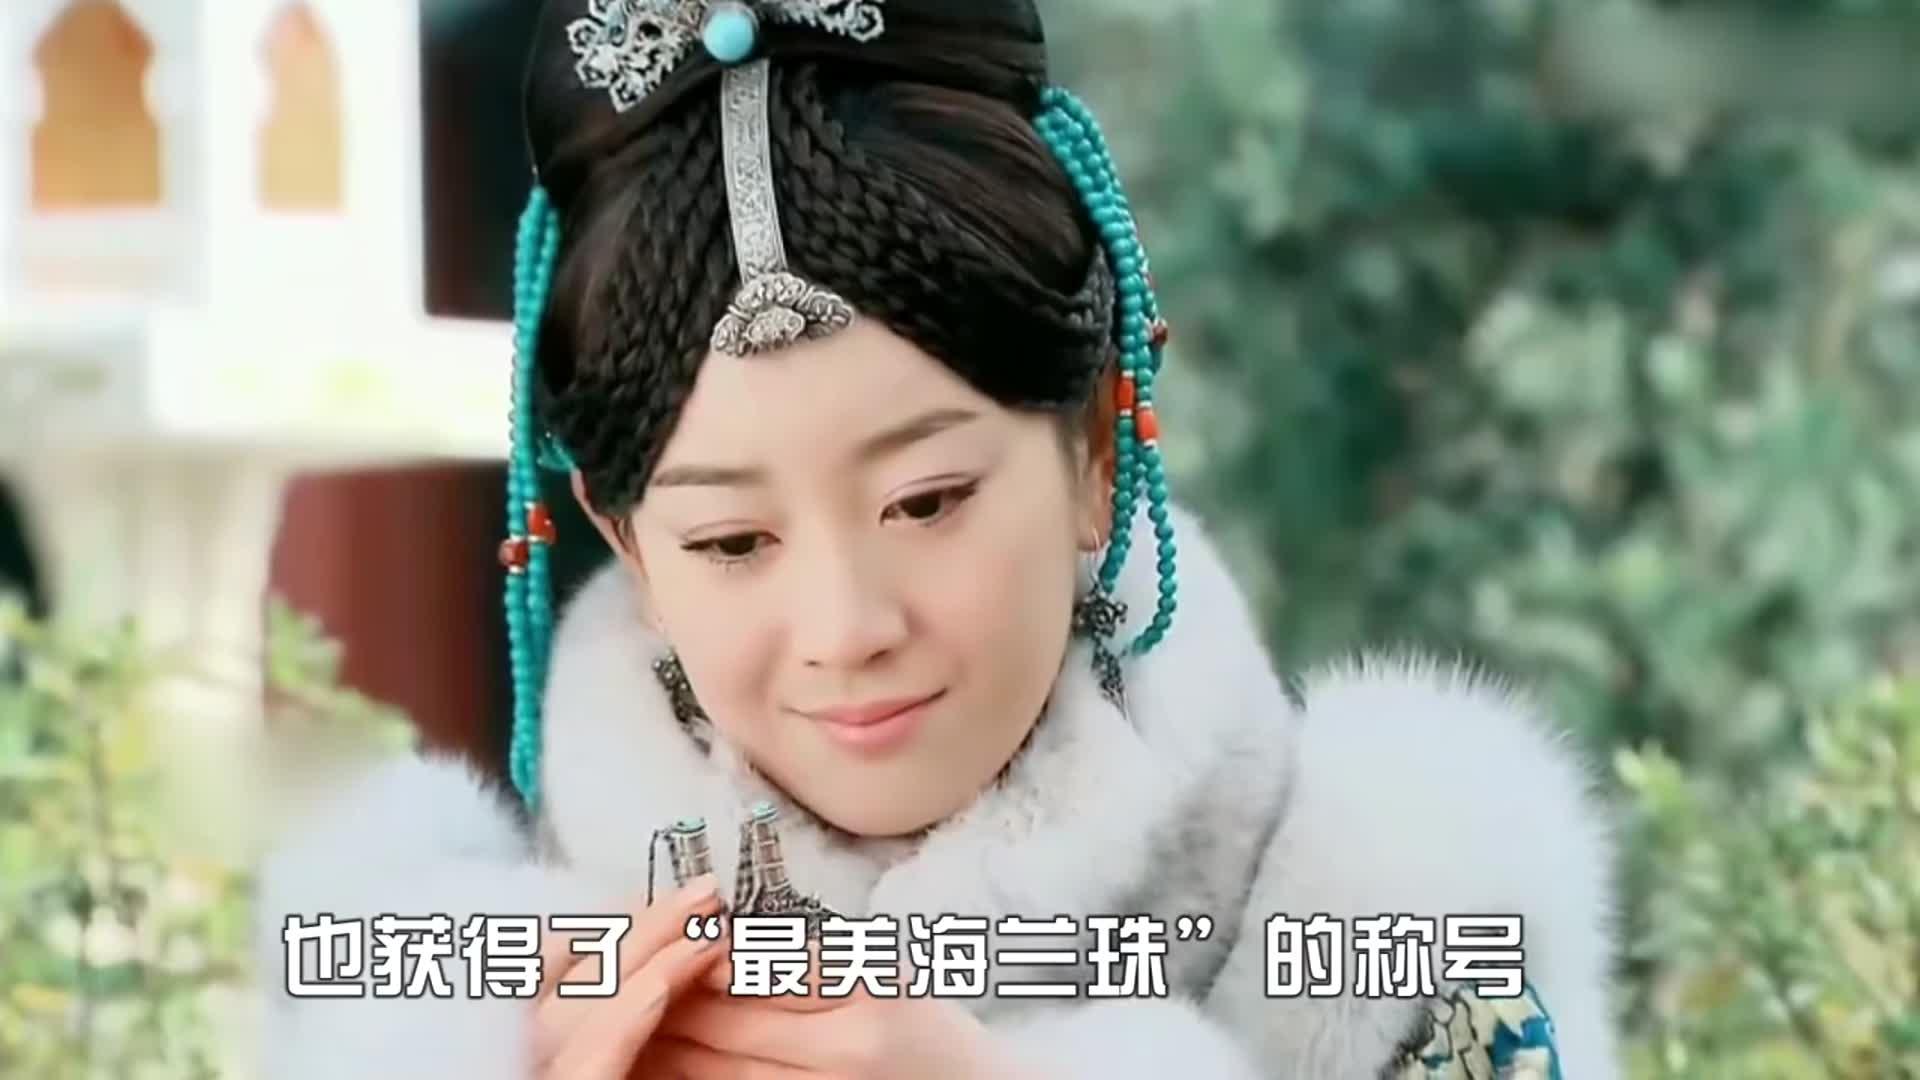 张檬:她是最美卫子夫,因整容断送演艺生涯,如今的她怎么样了